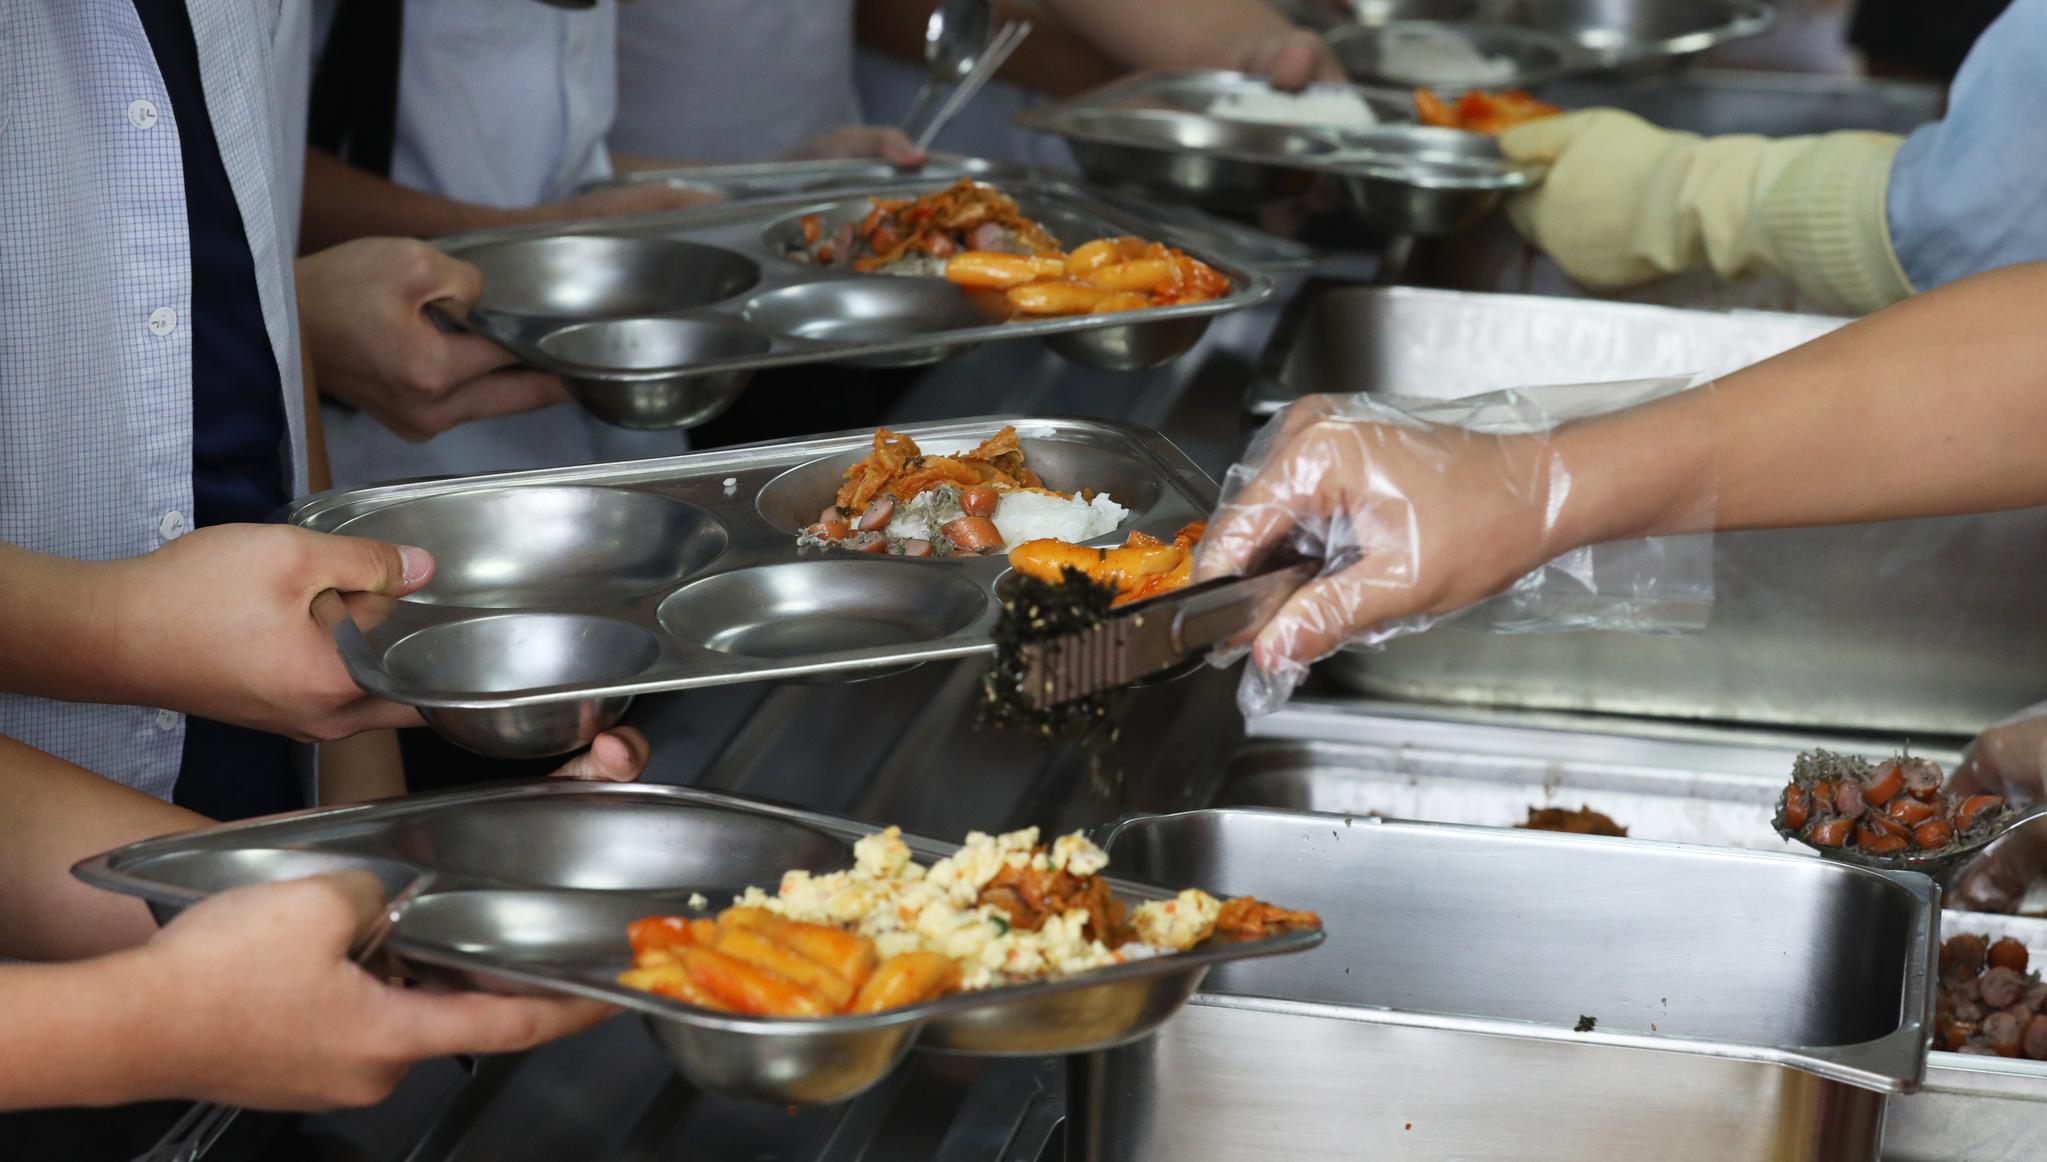 풀무원푸드머스는 학교 급식 케이크로 인한 식중독 의심환자의 병원 치료비 전액과 학교 급식중단에 따른 피해를 보상할 방침이라고 10일 밝혔다. 사진은 한 학교의 급식 장면. [뉴스1]